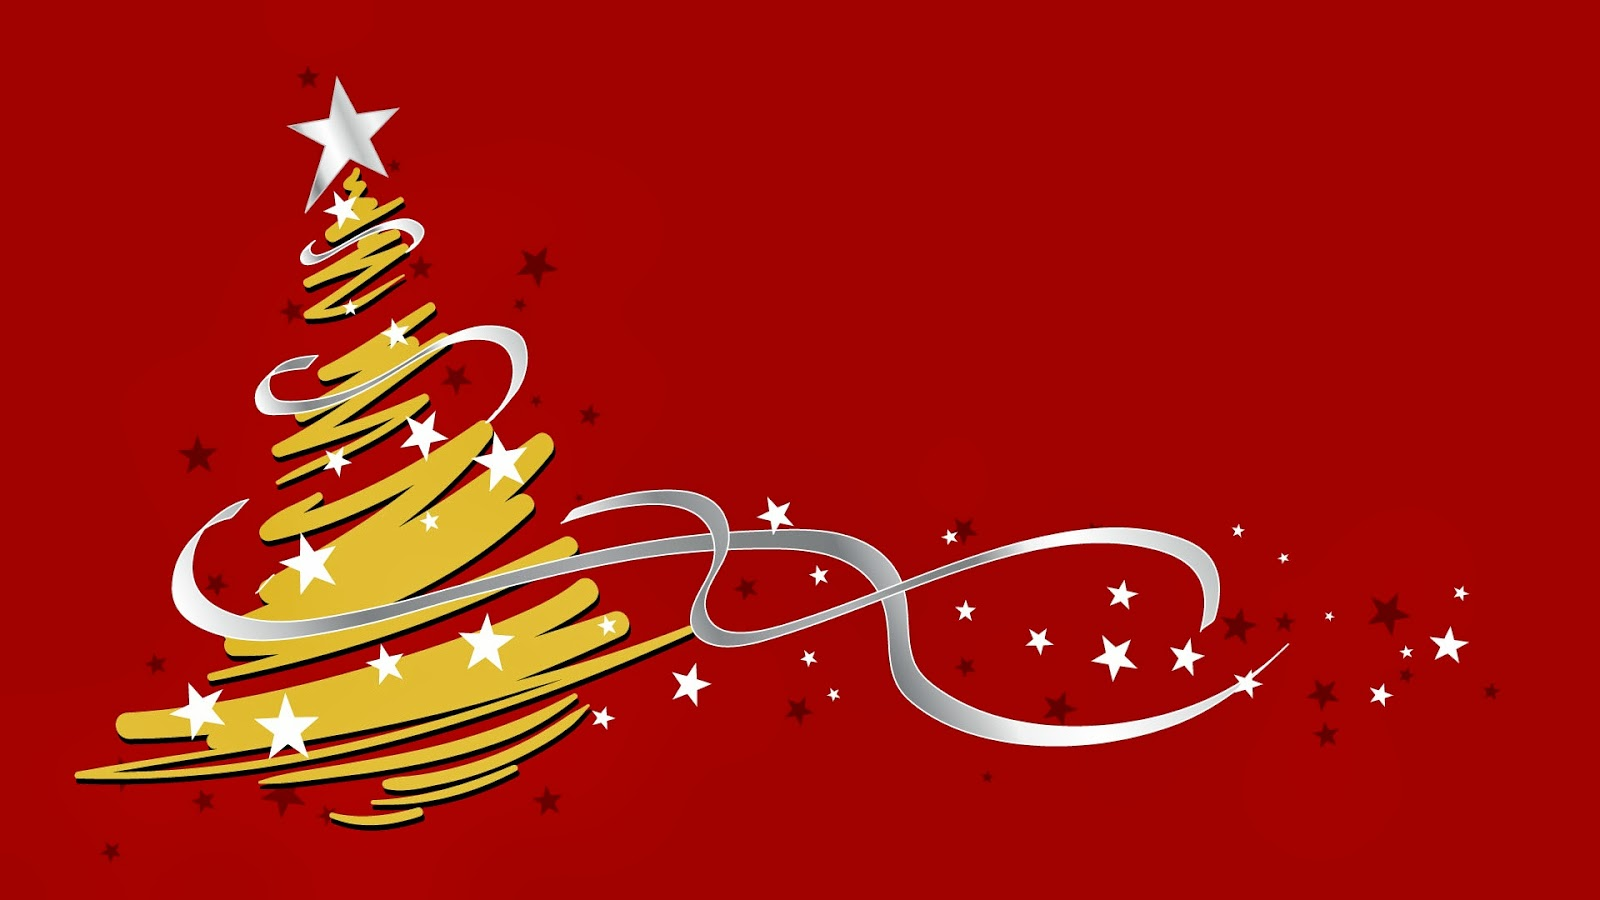 Imagenes Hilandy: Fondo De Pantalla Navidad Arbol Amarillo